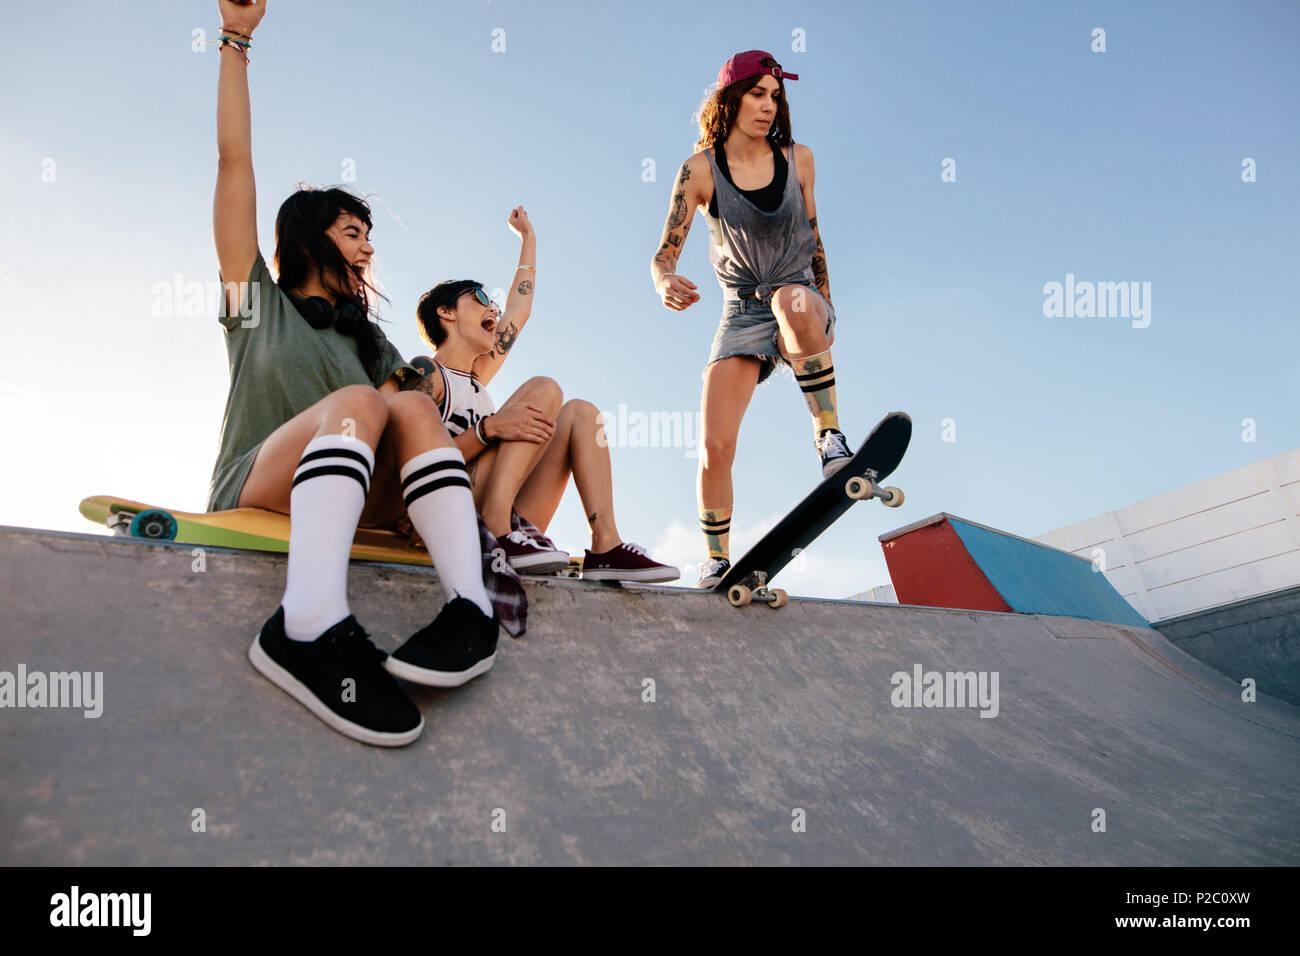 Tres jóvenes amigas en el parque de skate. Skater girl comenzando su rutina  con mujeres 3e837298cbb